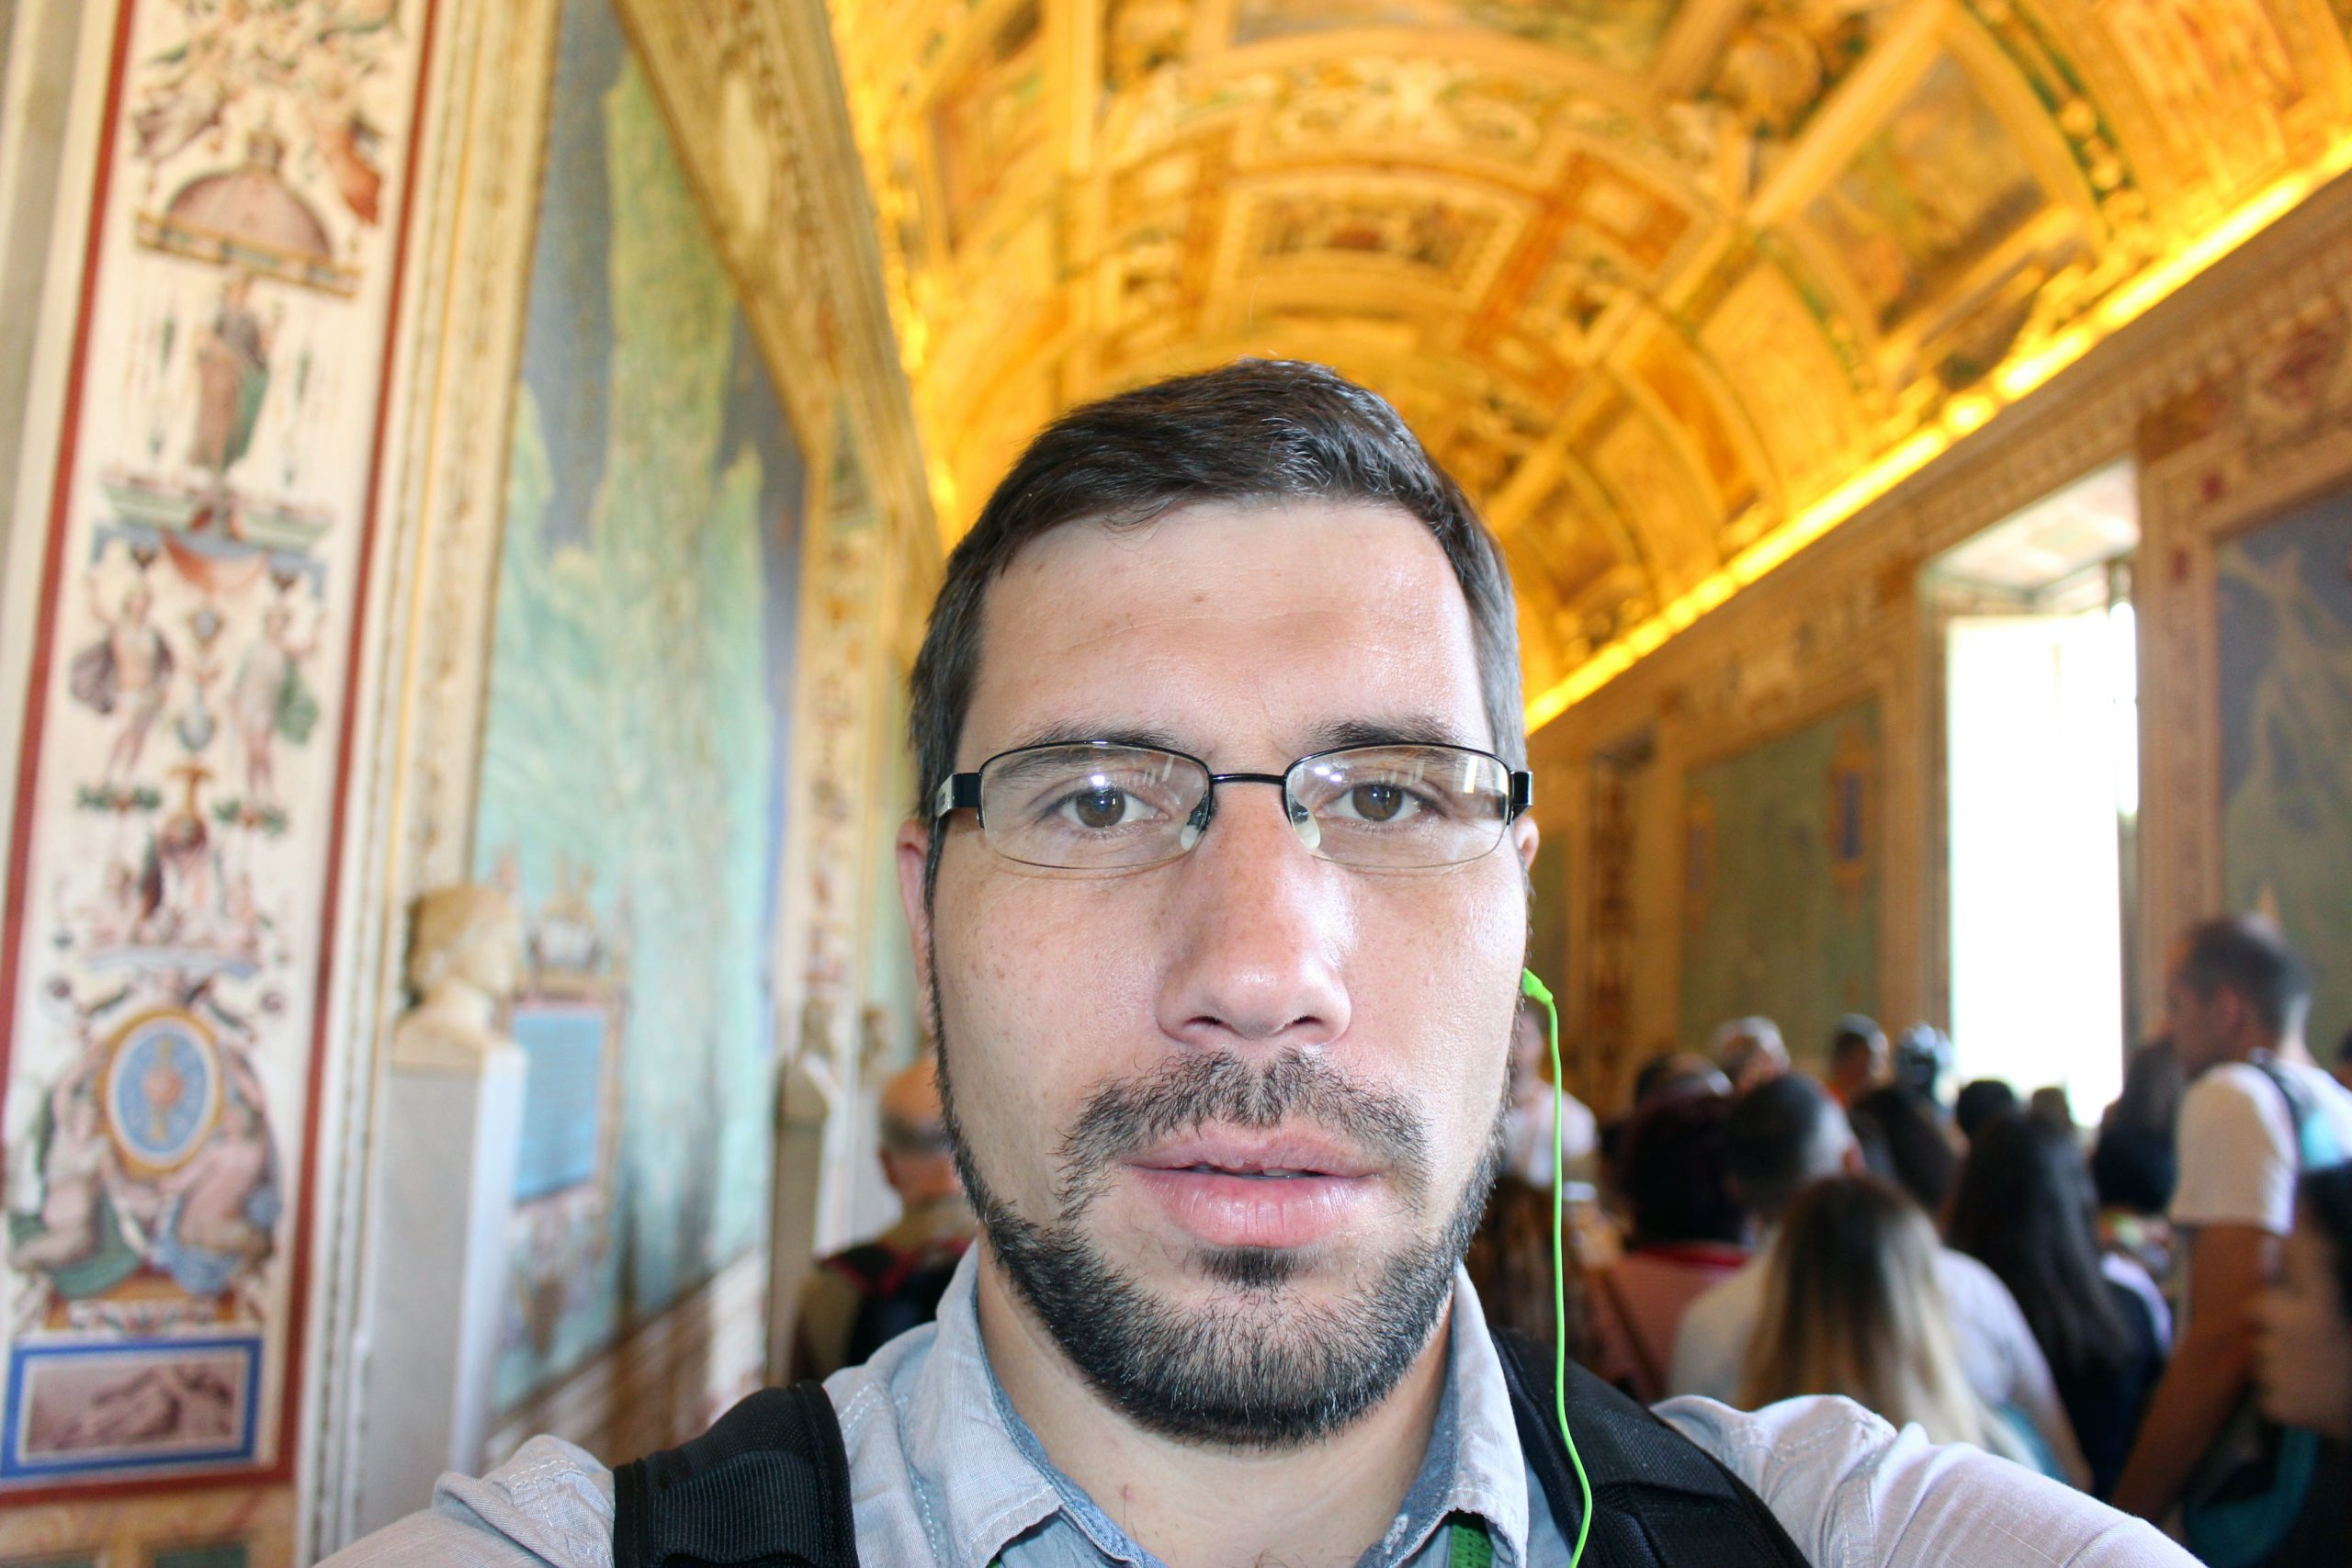 Rim_Vatikan_sa_lokalnim_vodicem_Evropske_metropole_akcija_autobusom_povoljno